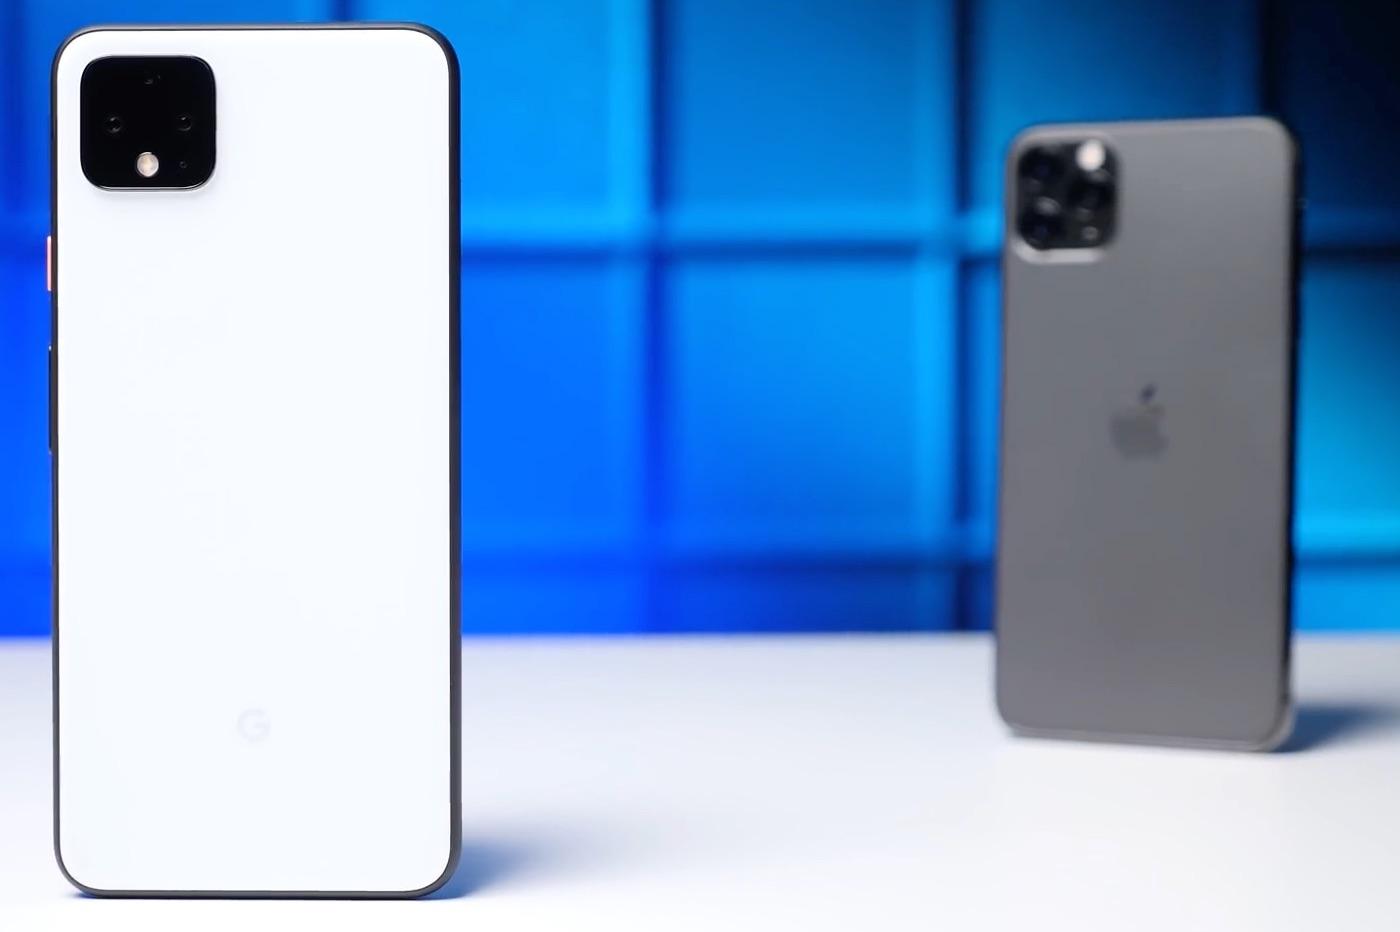 Comparatif Google Pixel 4 vs iPhone 11 Pro Max